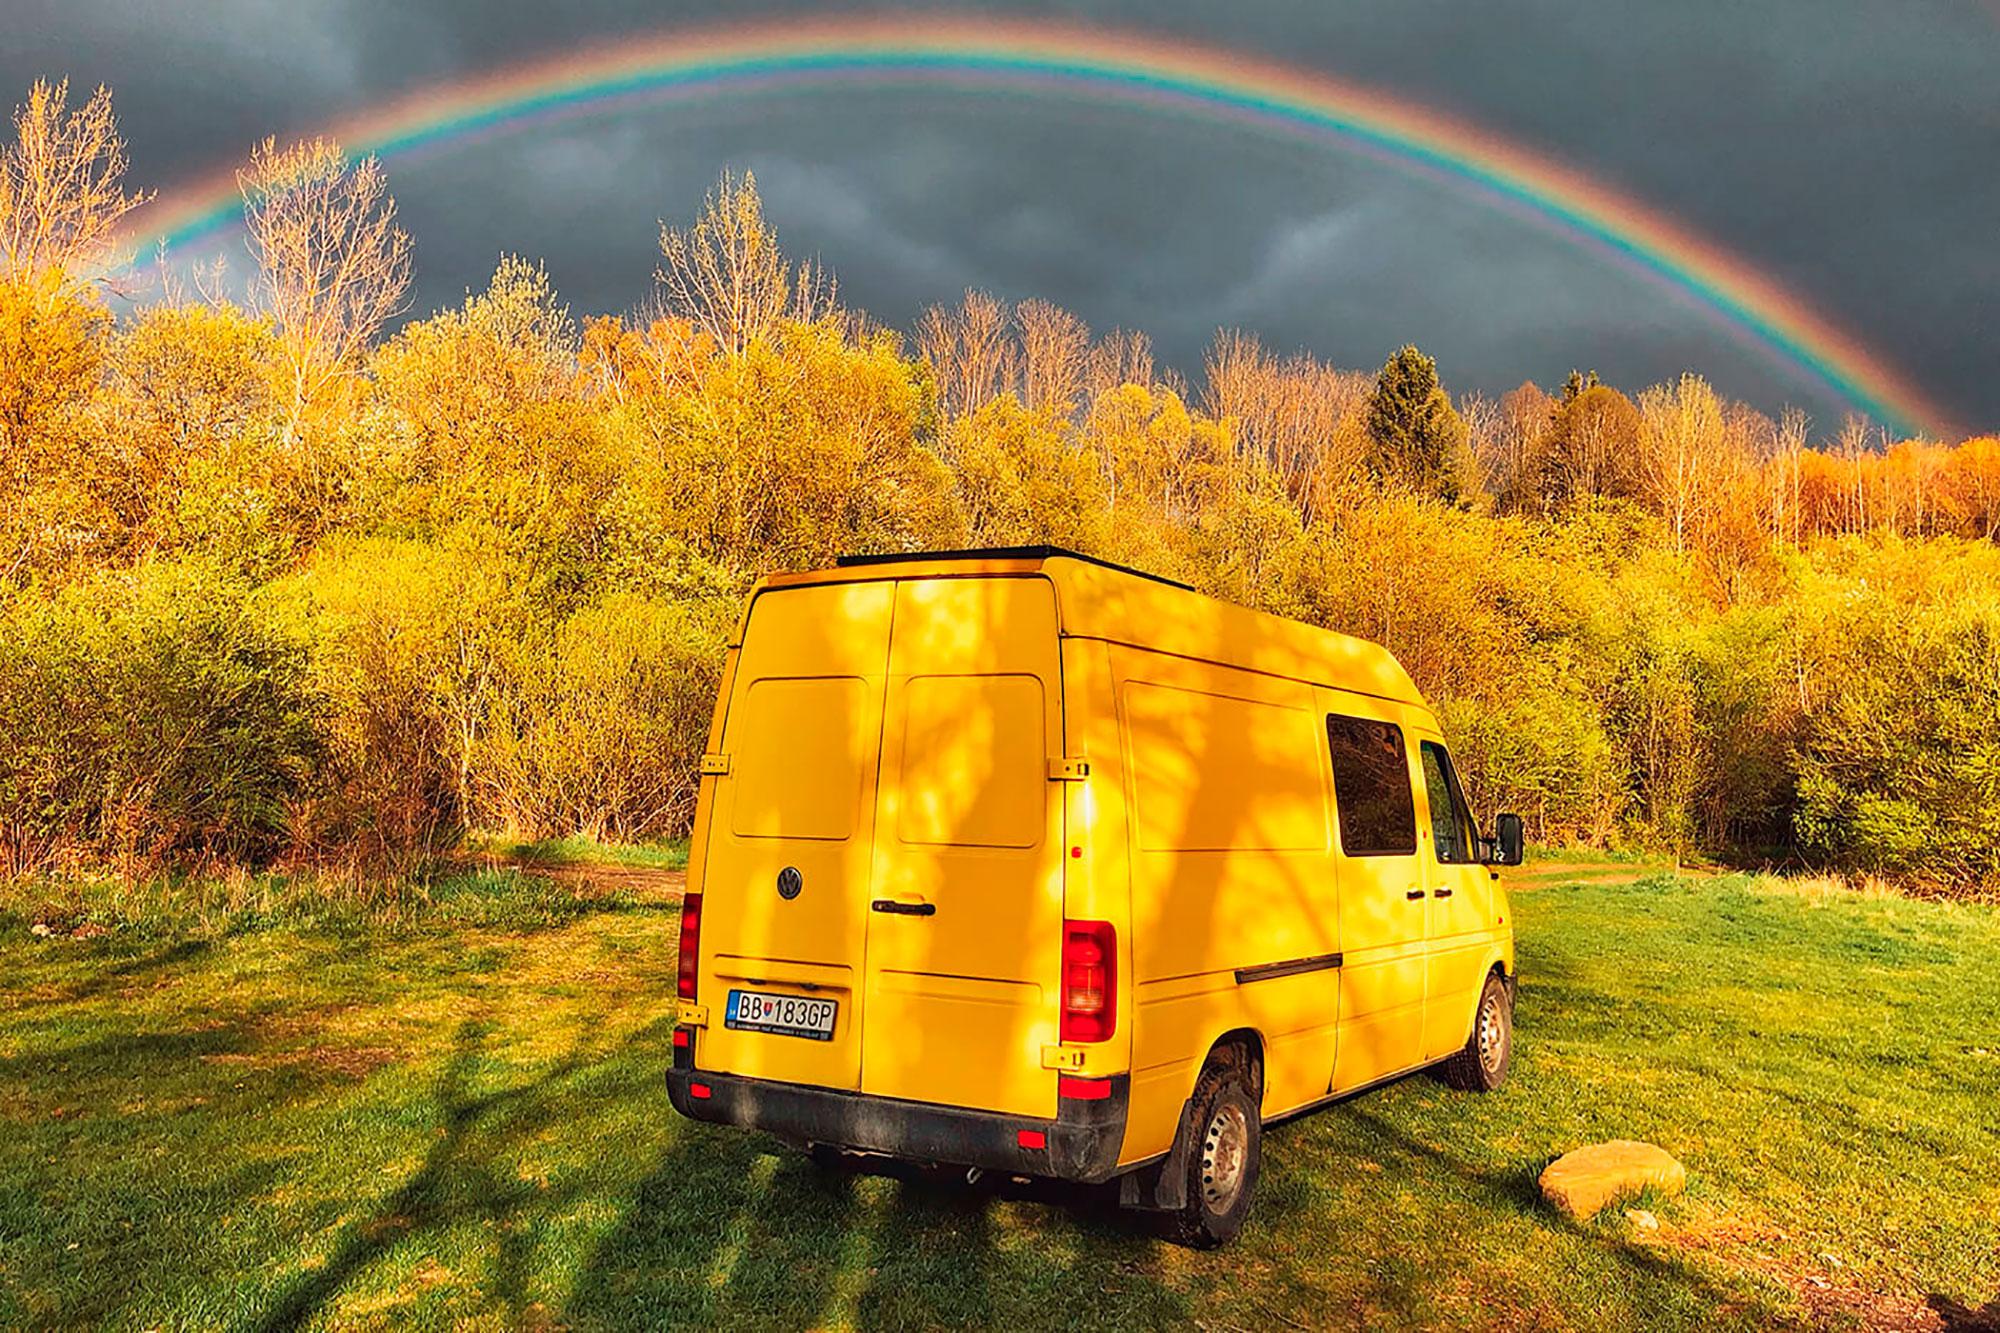 У плохой погоды тоже есть свои плюсы, например яркая радуга после дождя